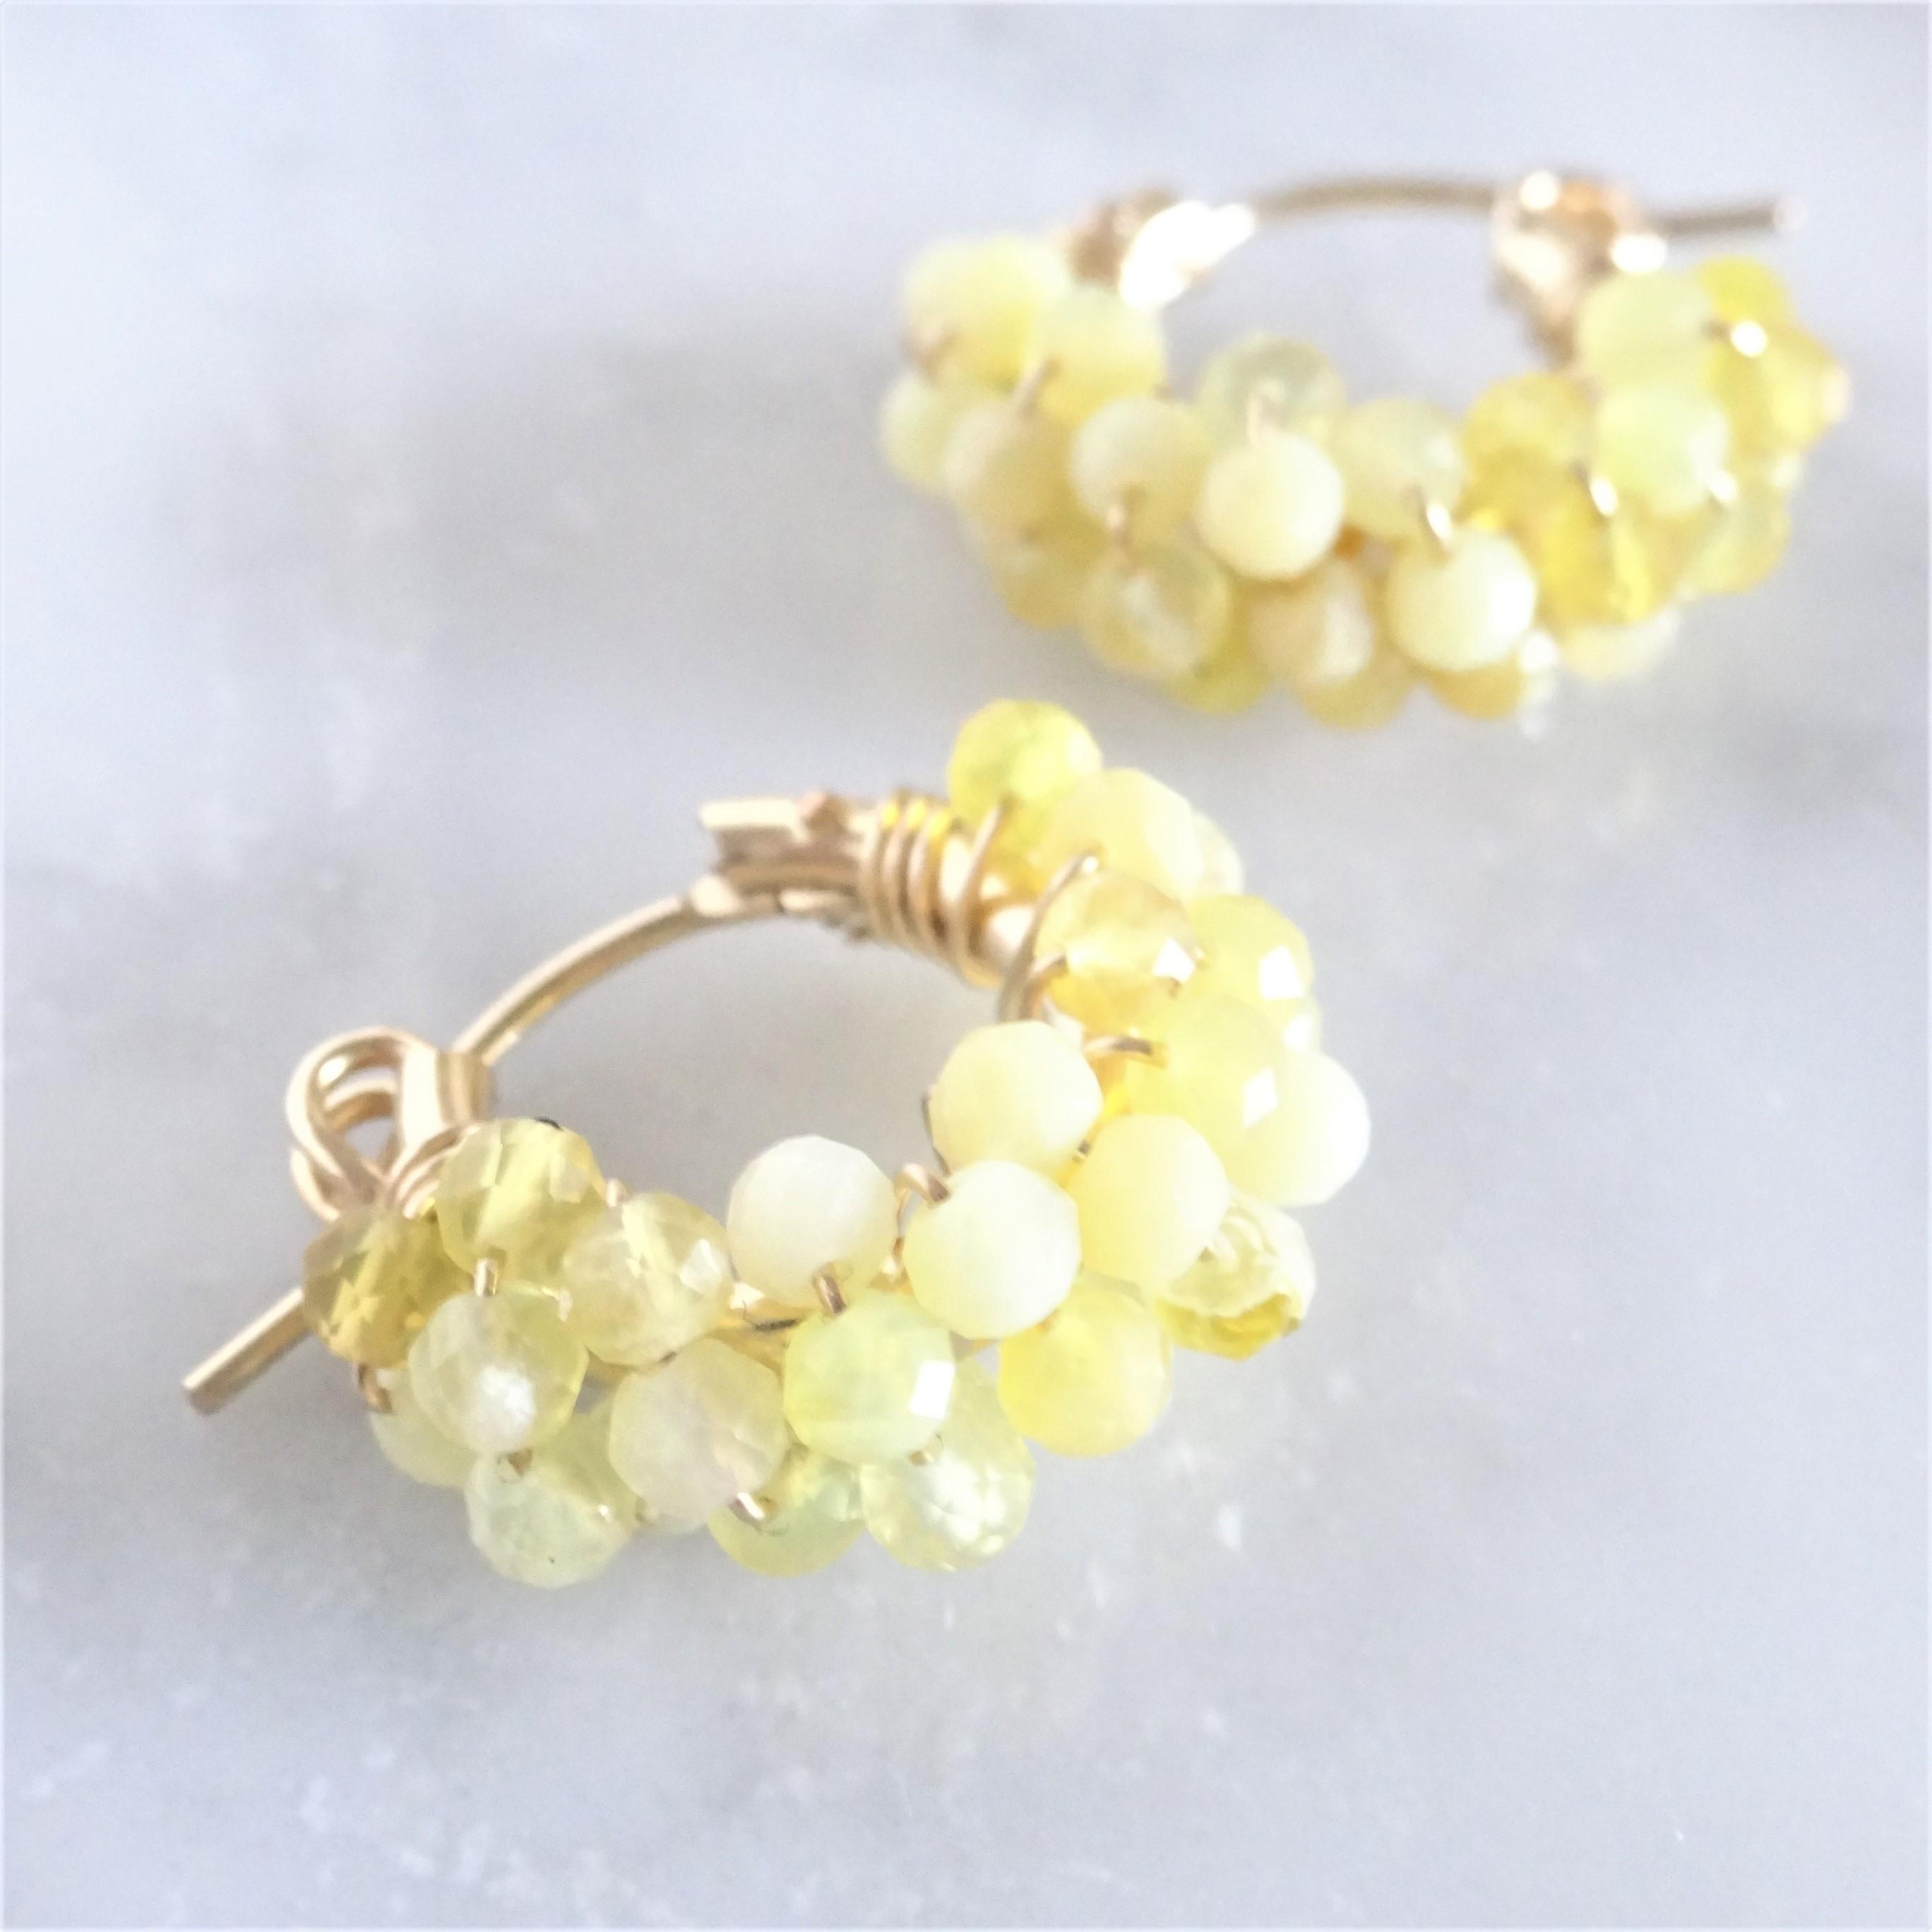 14kgf*Yellow Opal pavé pierced earring / earring